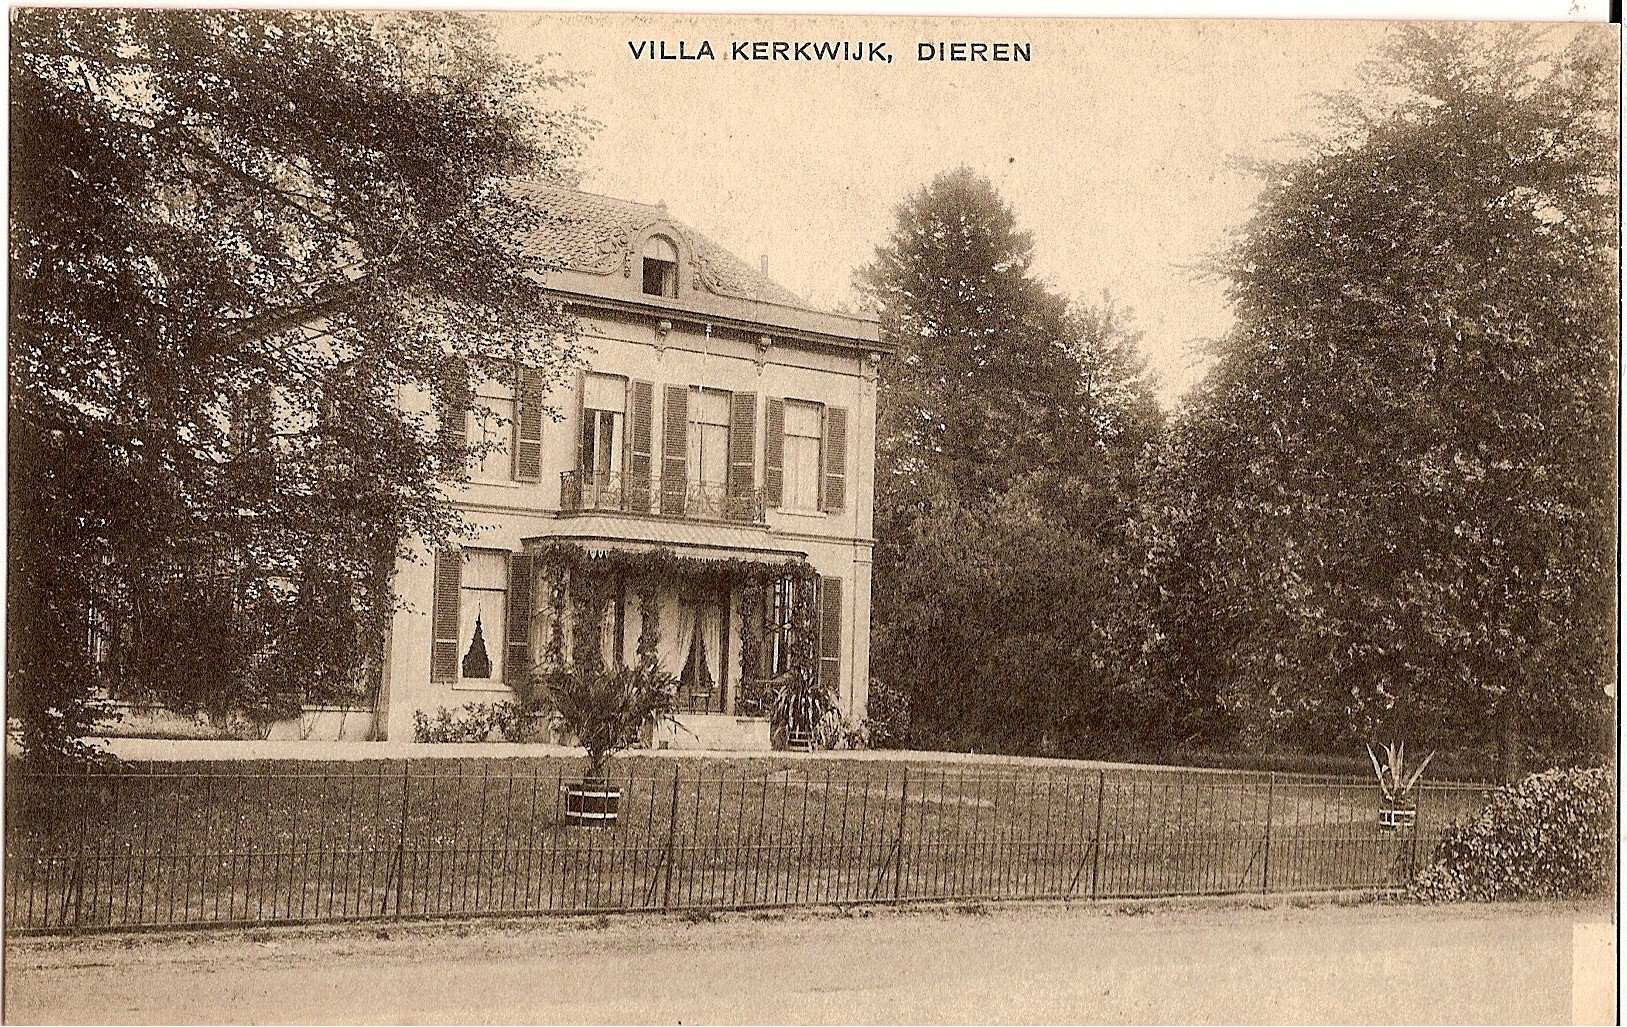 69-villa-kerkwijk